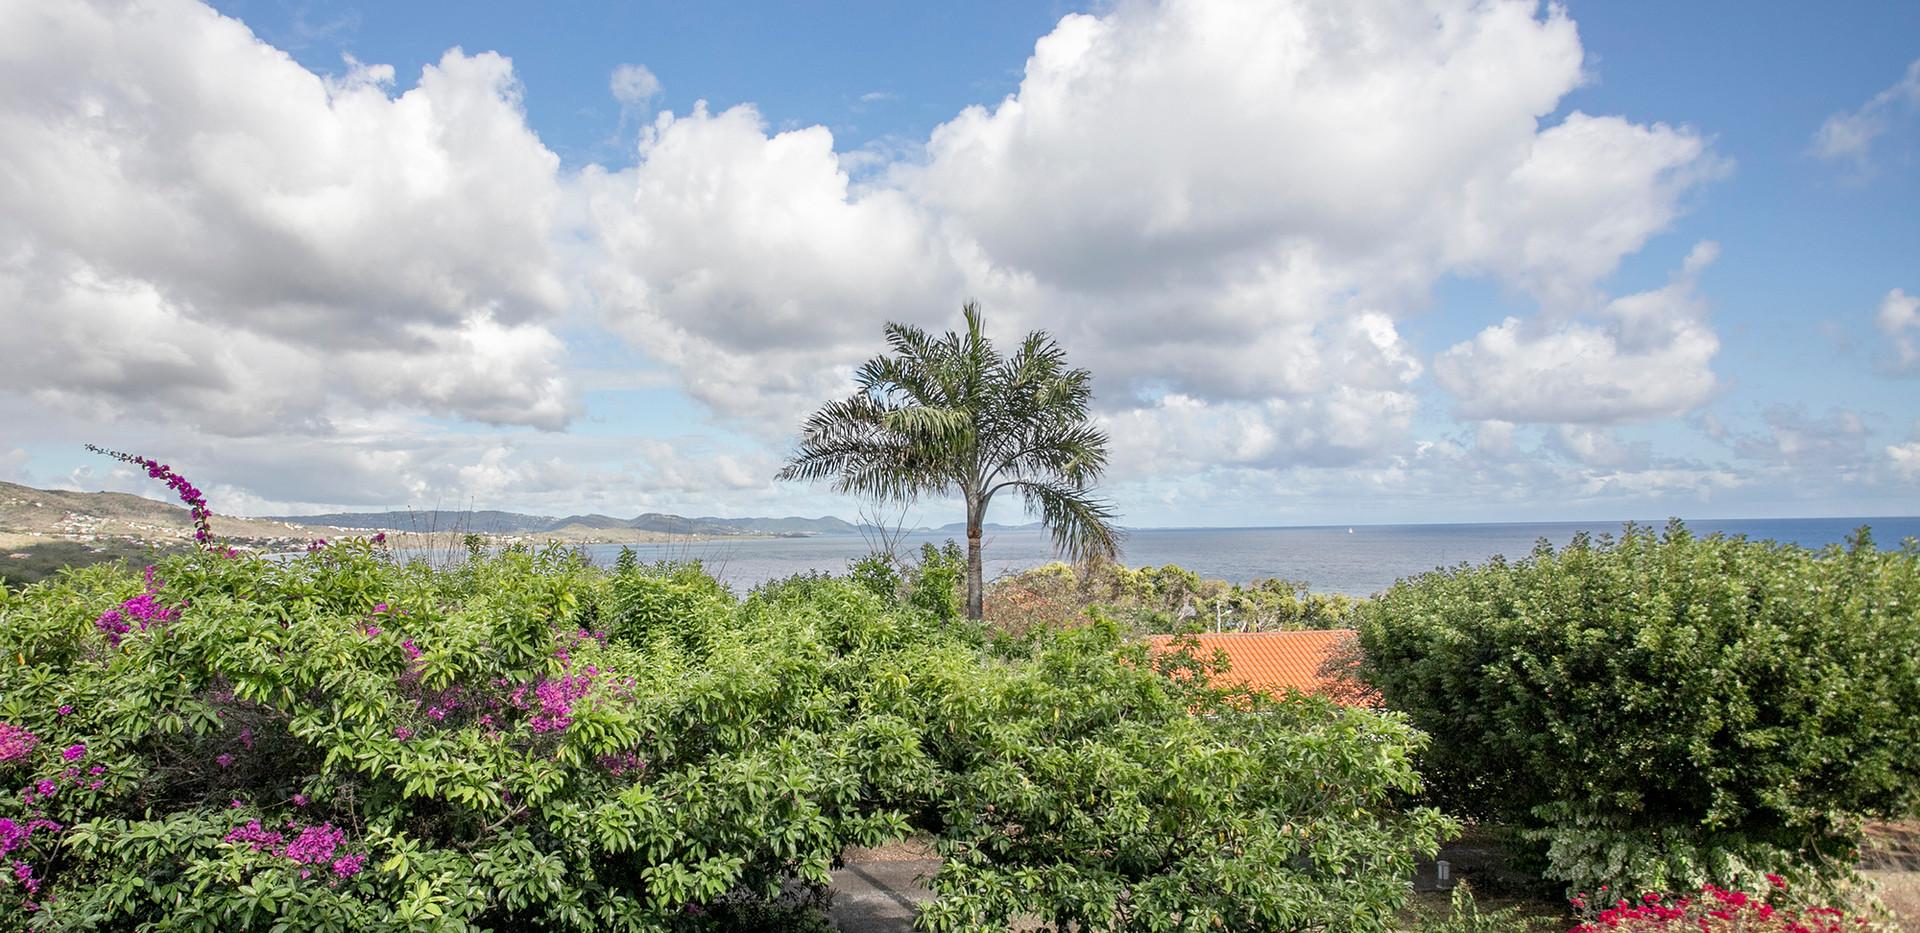 Bungalow - Le Diamant Martinique - LocBir - Les Mahoganys